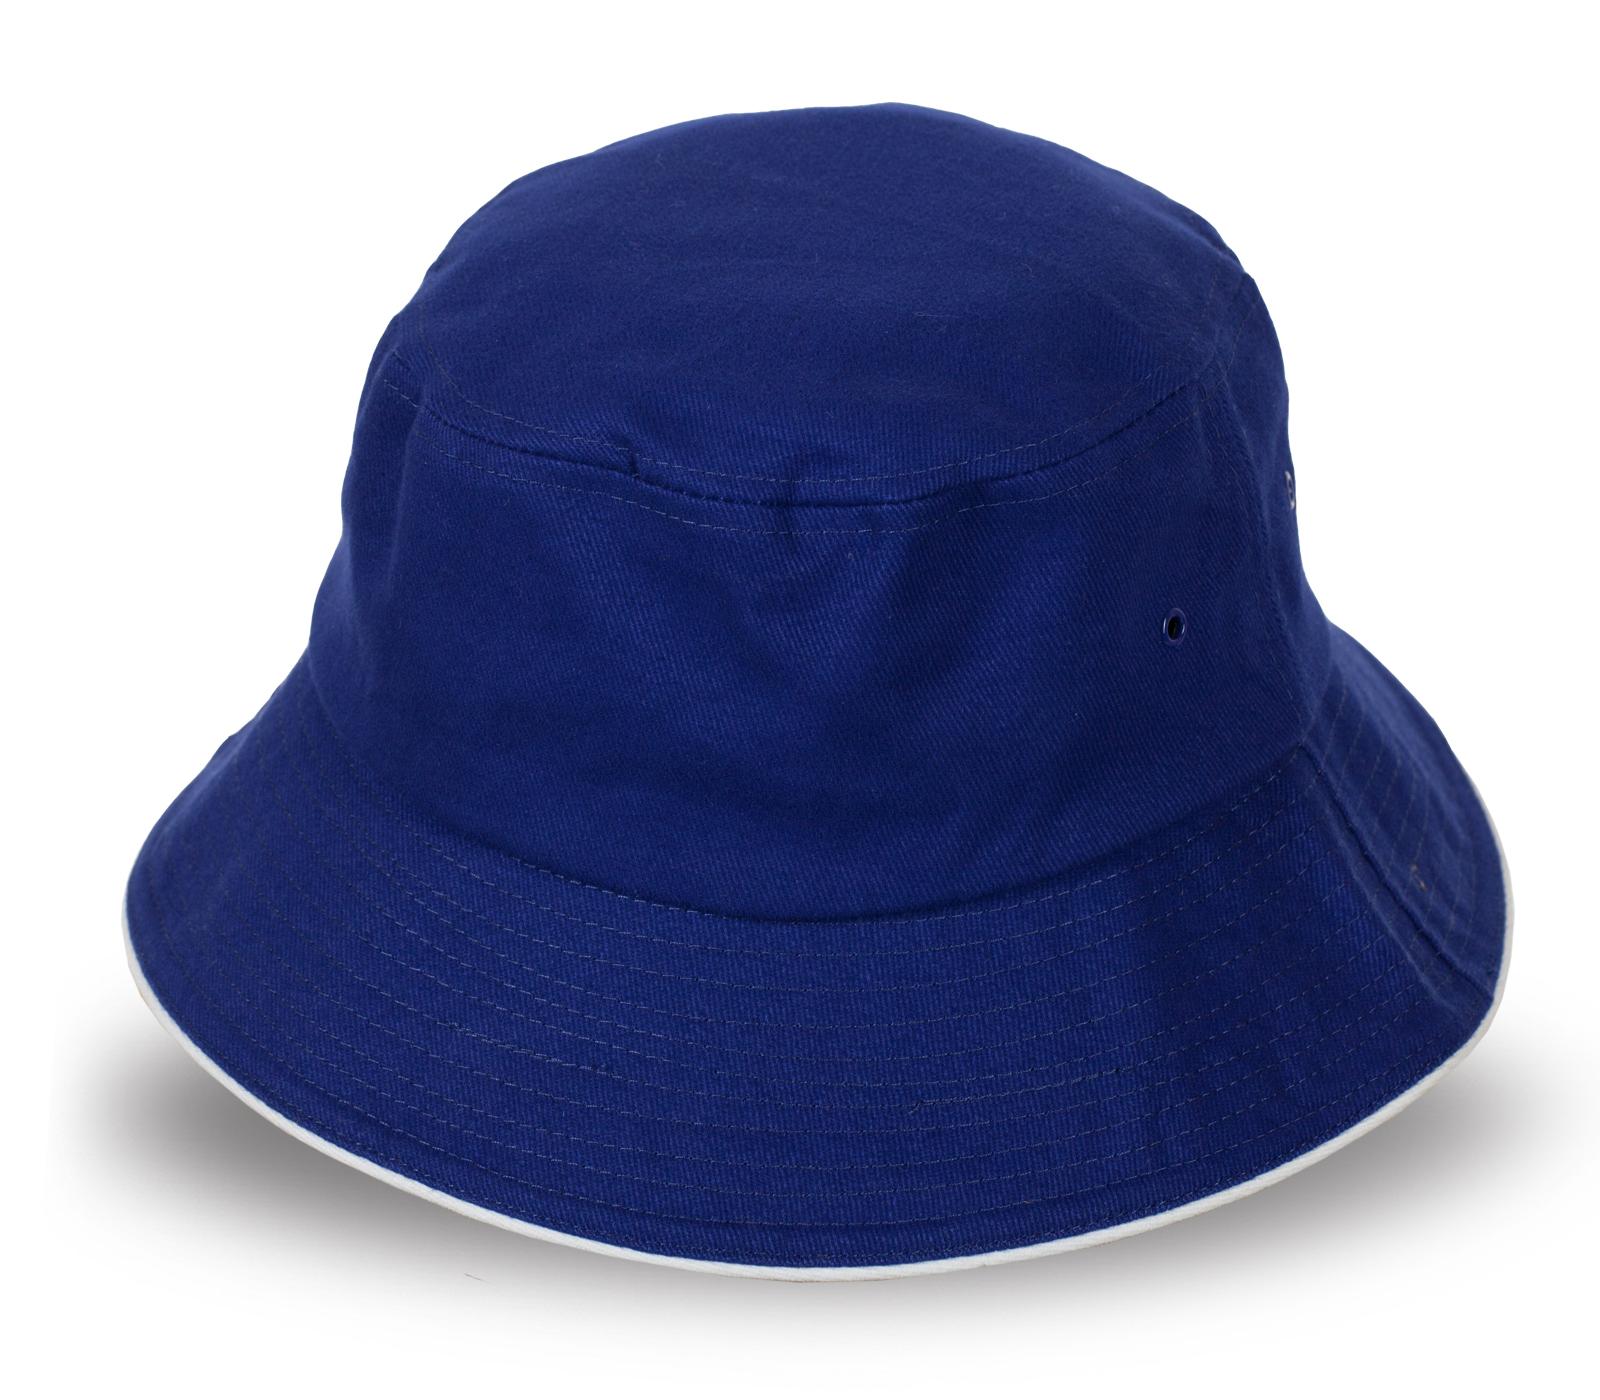 Лаконичная синяя панама для отпуска у моря